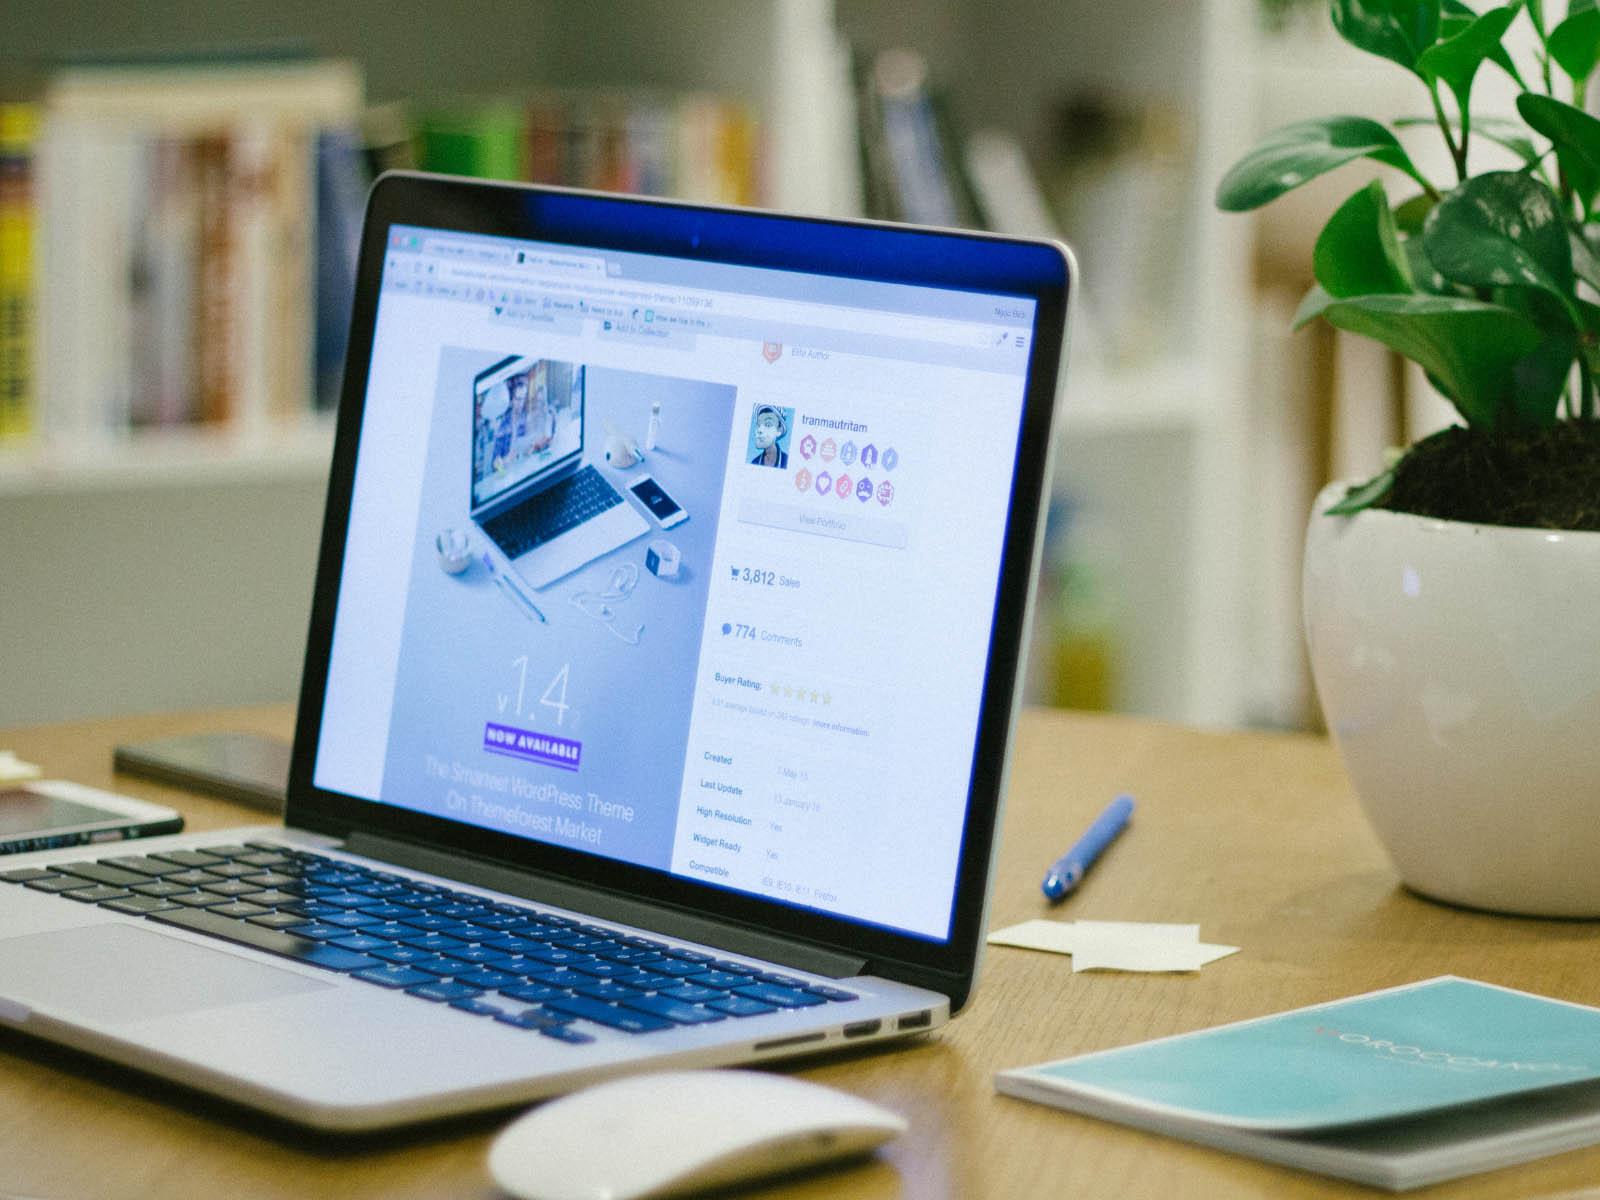 Вебинар: Сайт для успешного продвижения бизнеса в Интернете